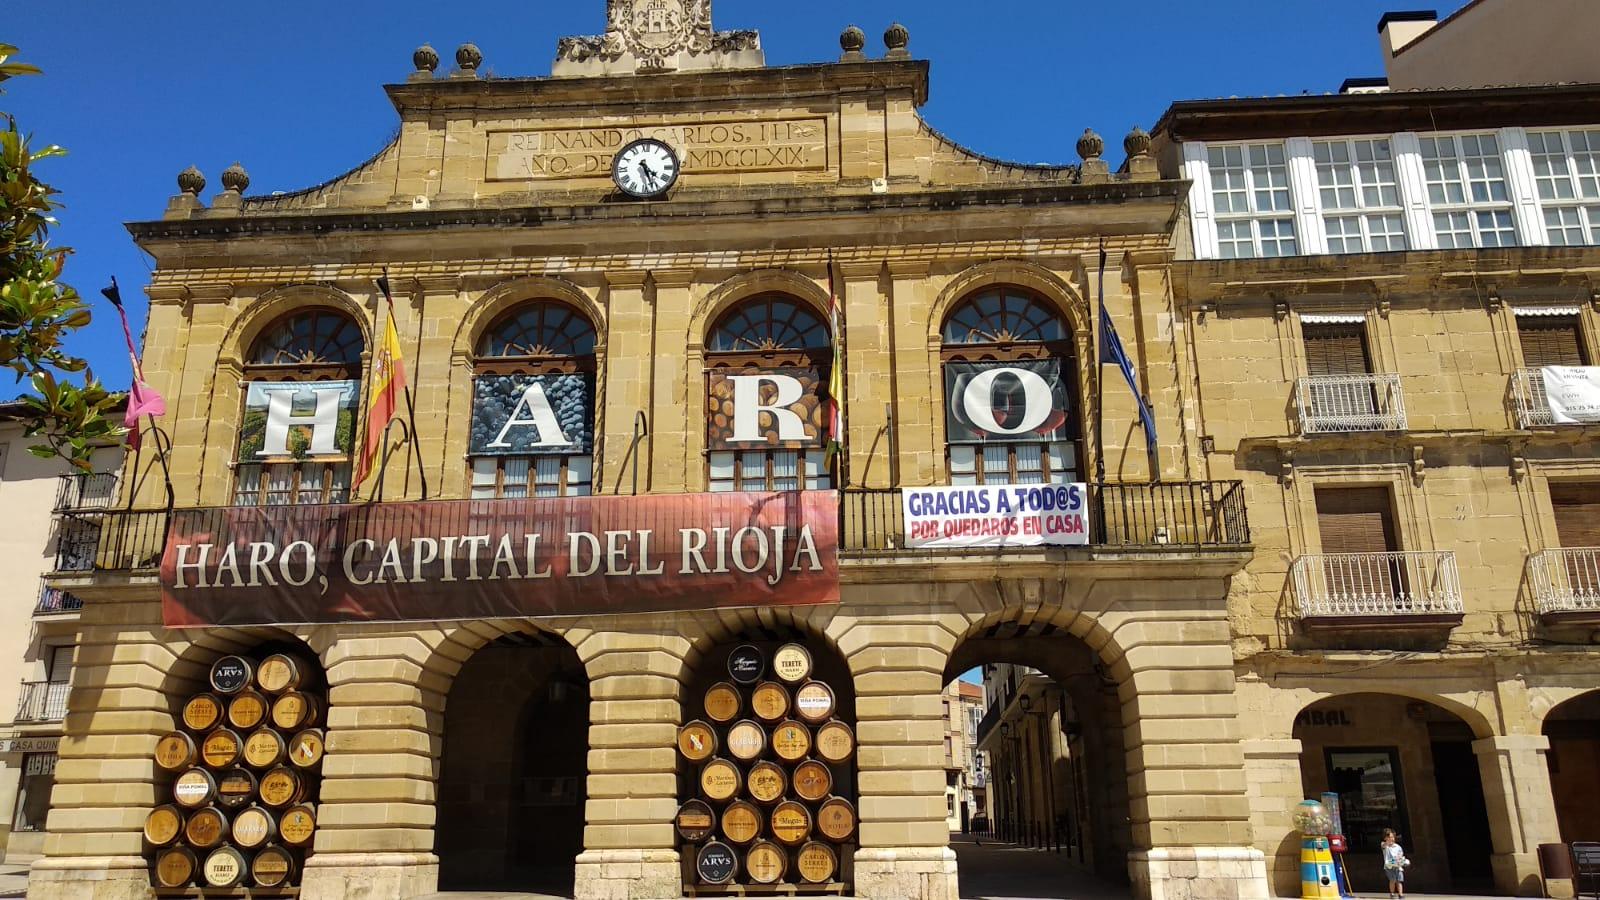 El Ayuntamiento de Haro abre sus dependencias al público con ciertas restricciones 1